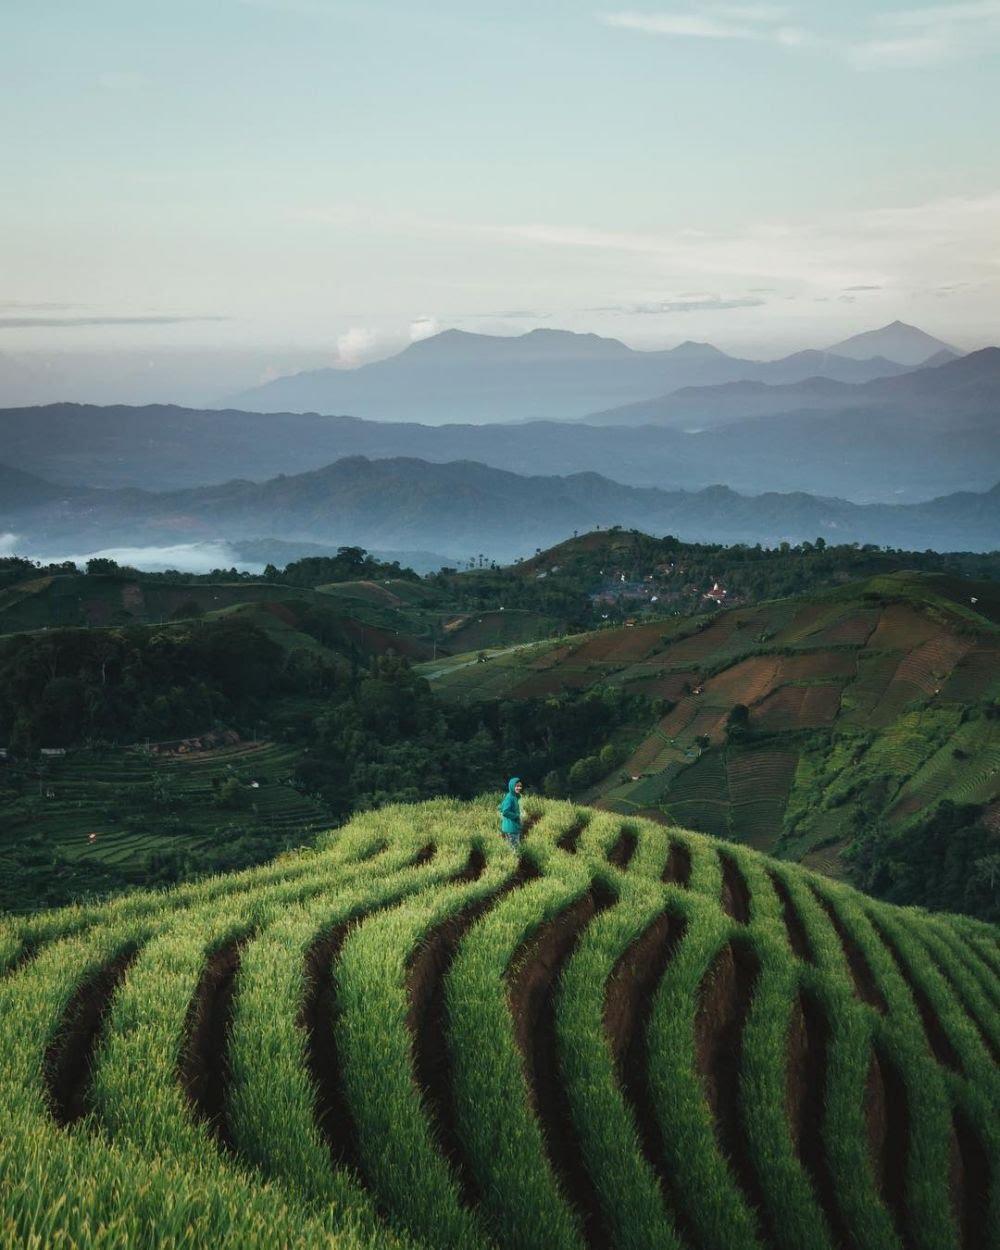 Objek Wisata Alam Majalengka yang Wajib Masuk Daftar Liburanmu